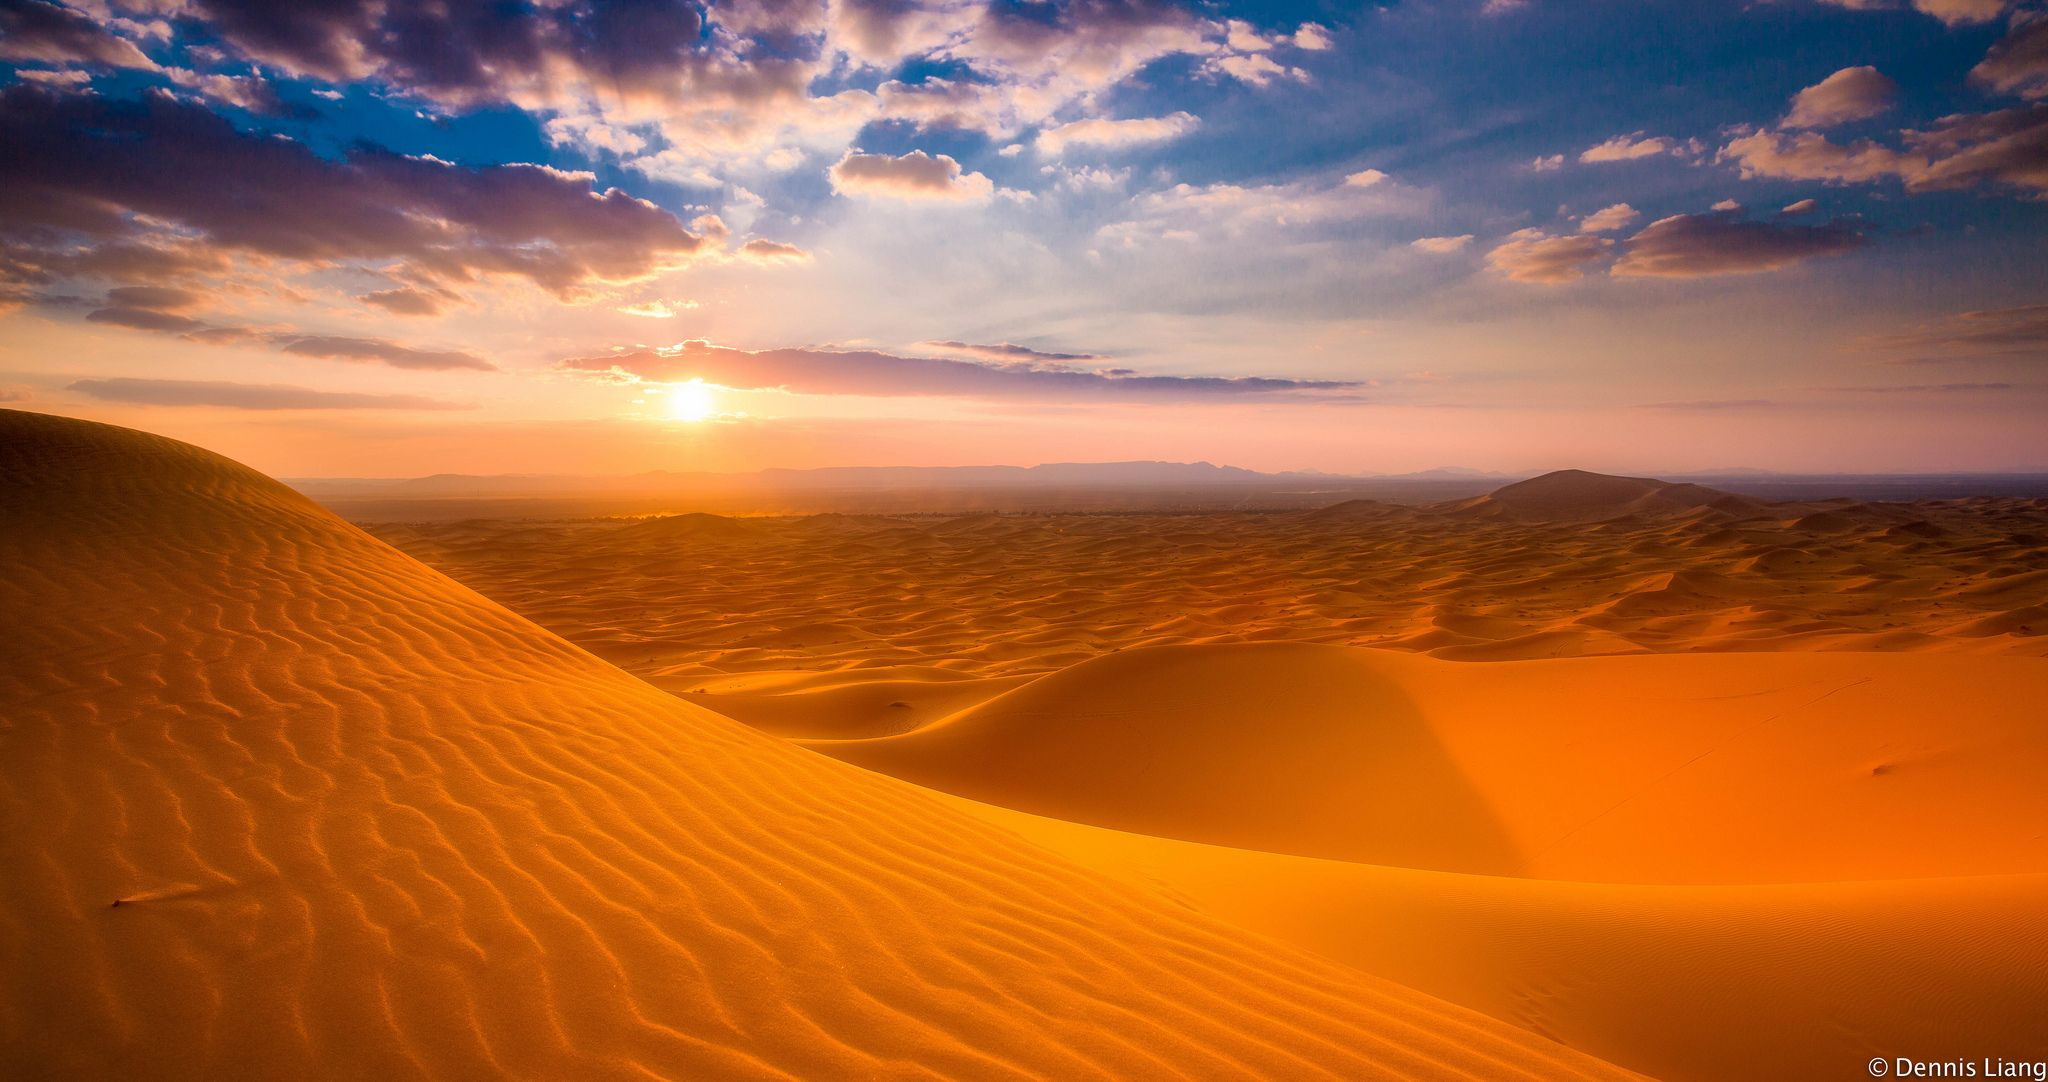 Erg Chebbi Sahara Desert Sunset Sunset Wallpaper Sunset